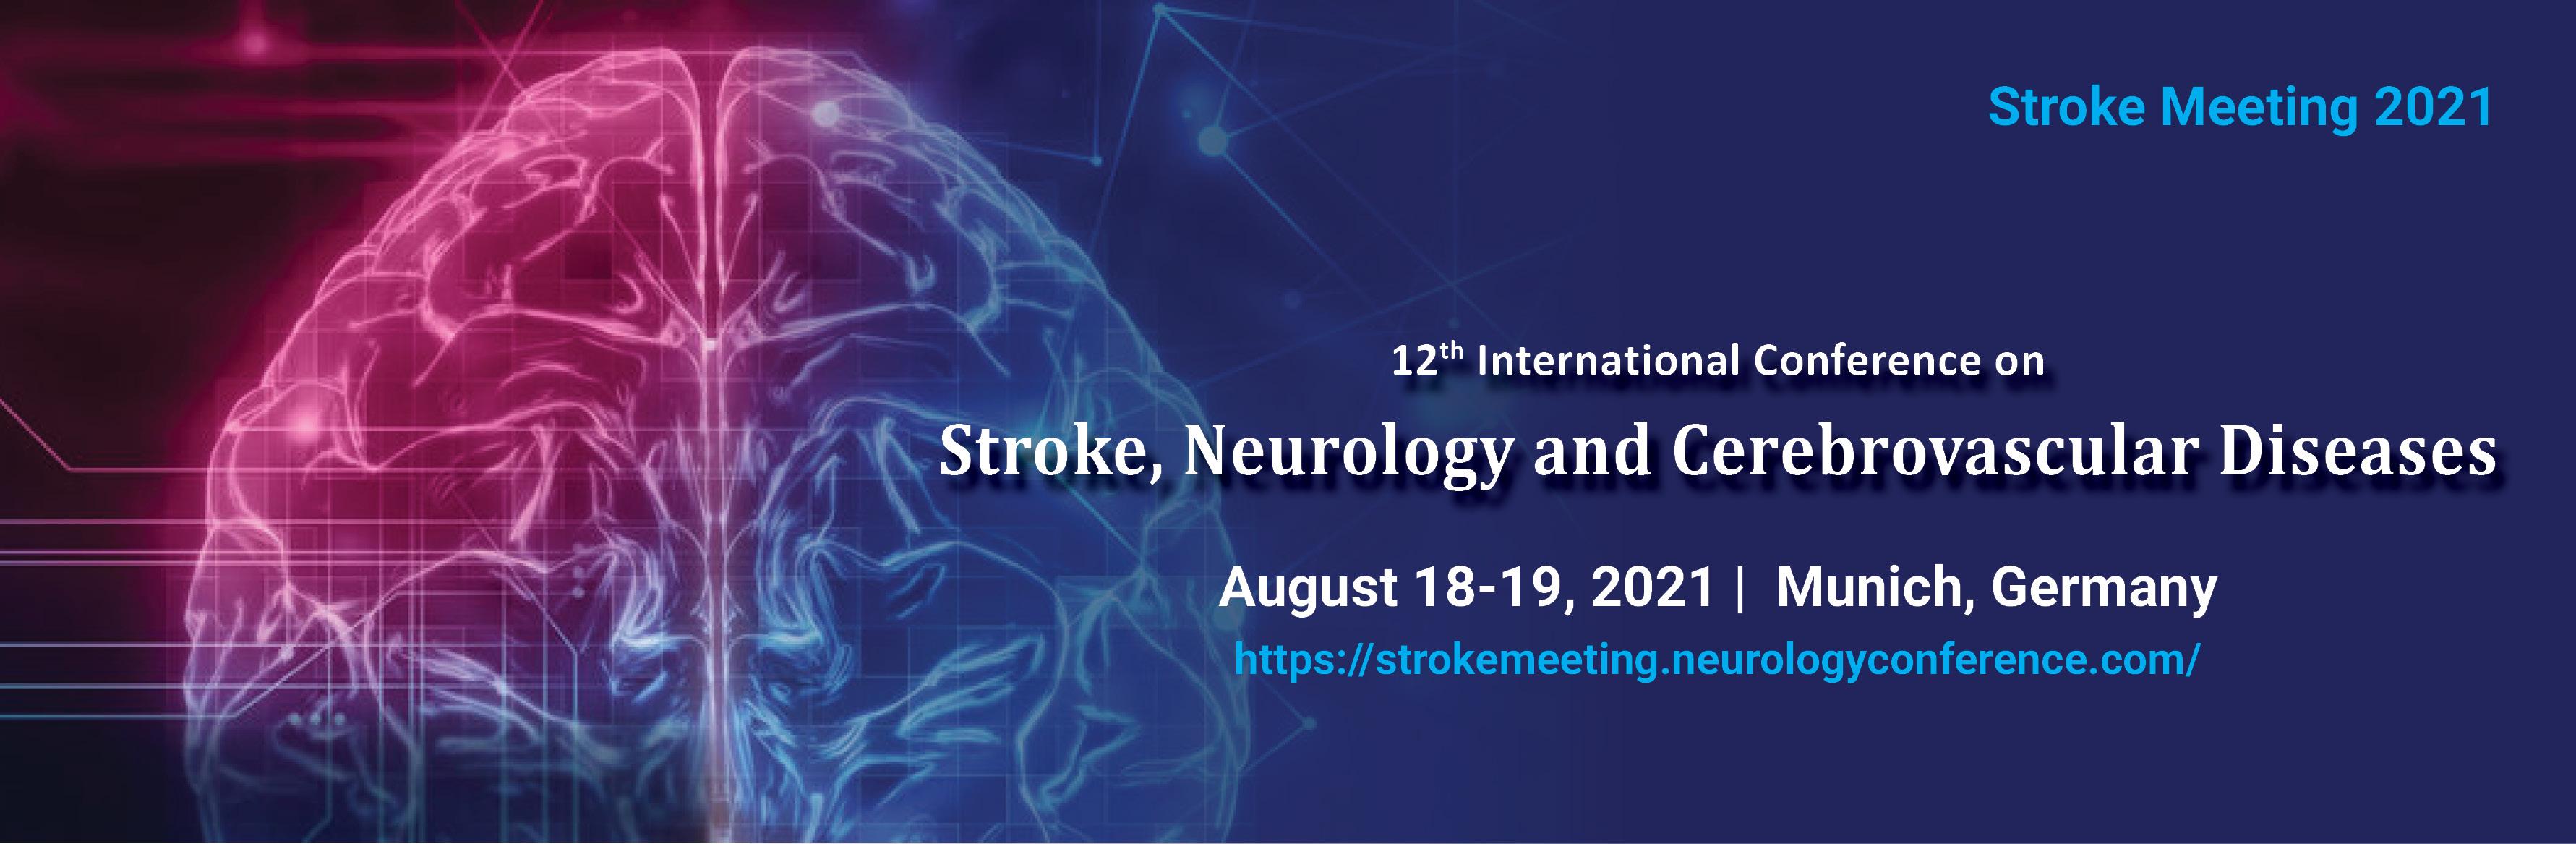 Stroke Meeting 2021 - Stroke Meeting 2021